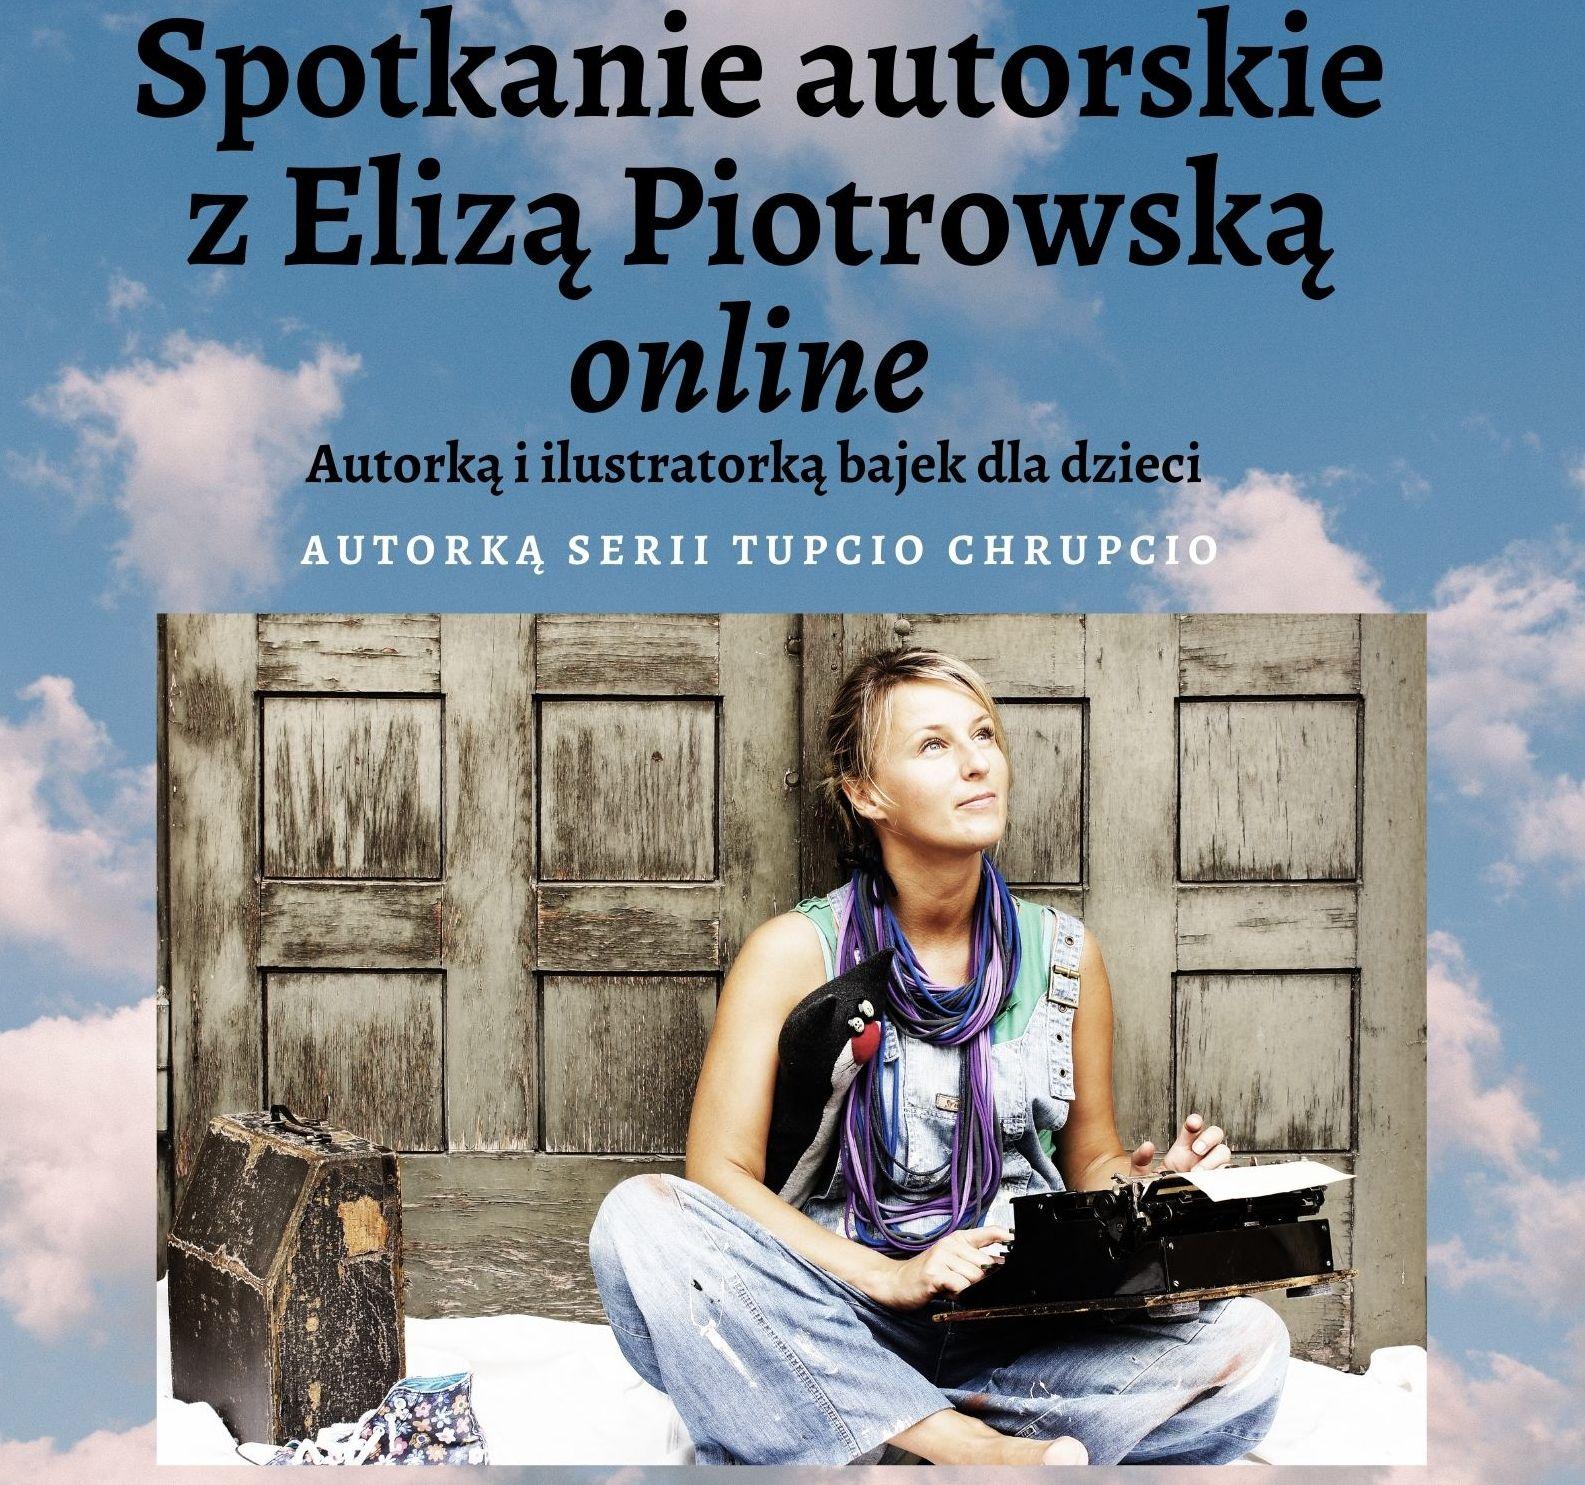 Spotkanie autorskie online dla dzieci ze znaną pisarką Elizą Piotrowską - 27 listopada - zdjęcie główne